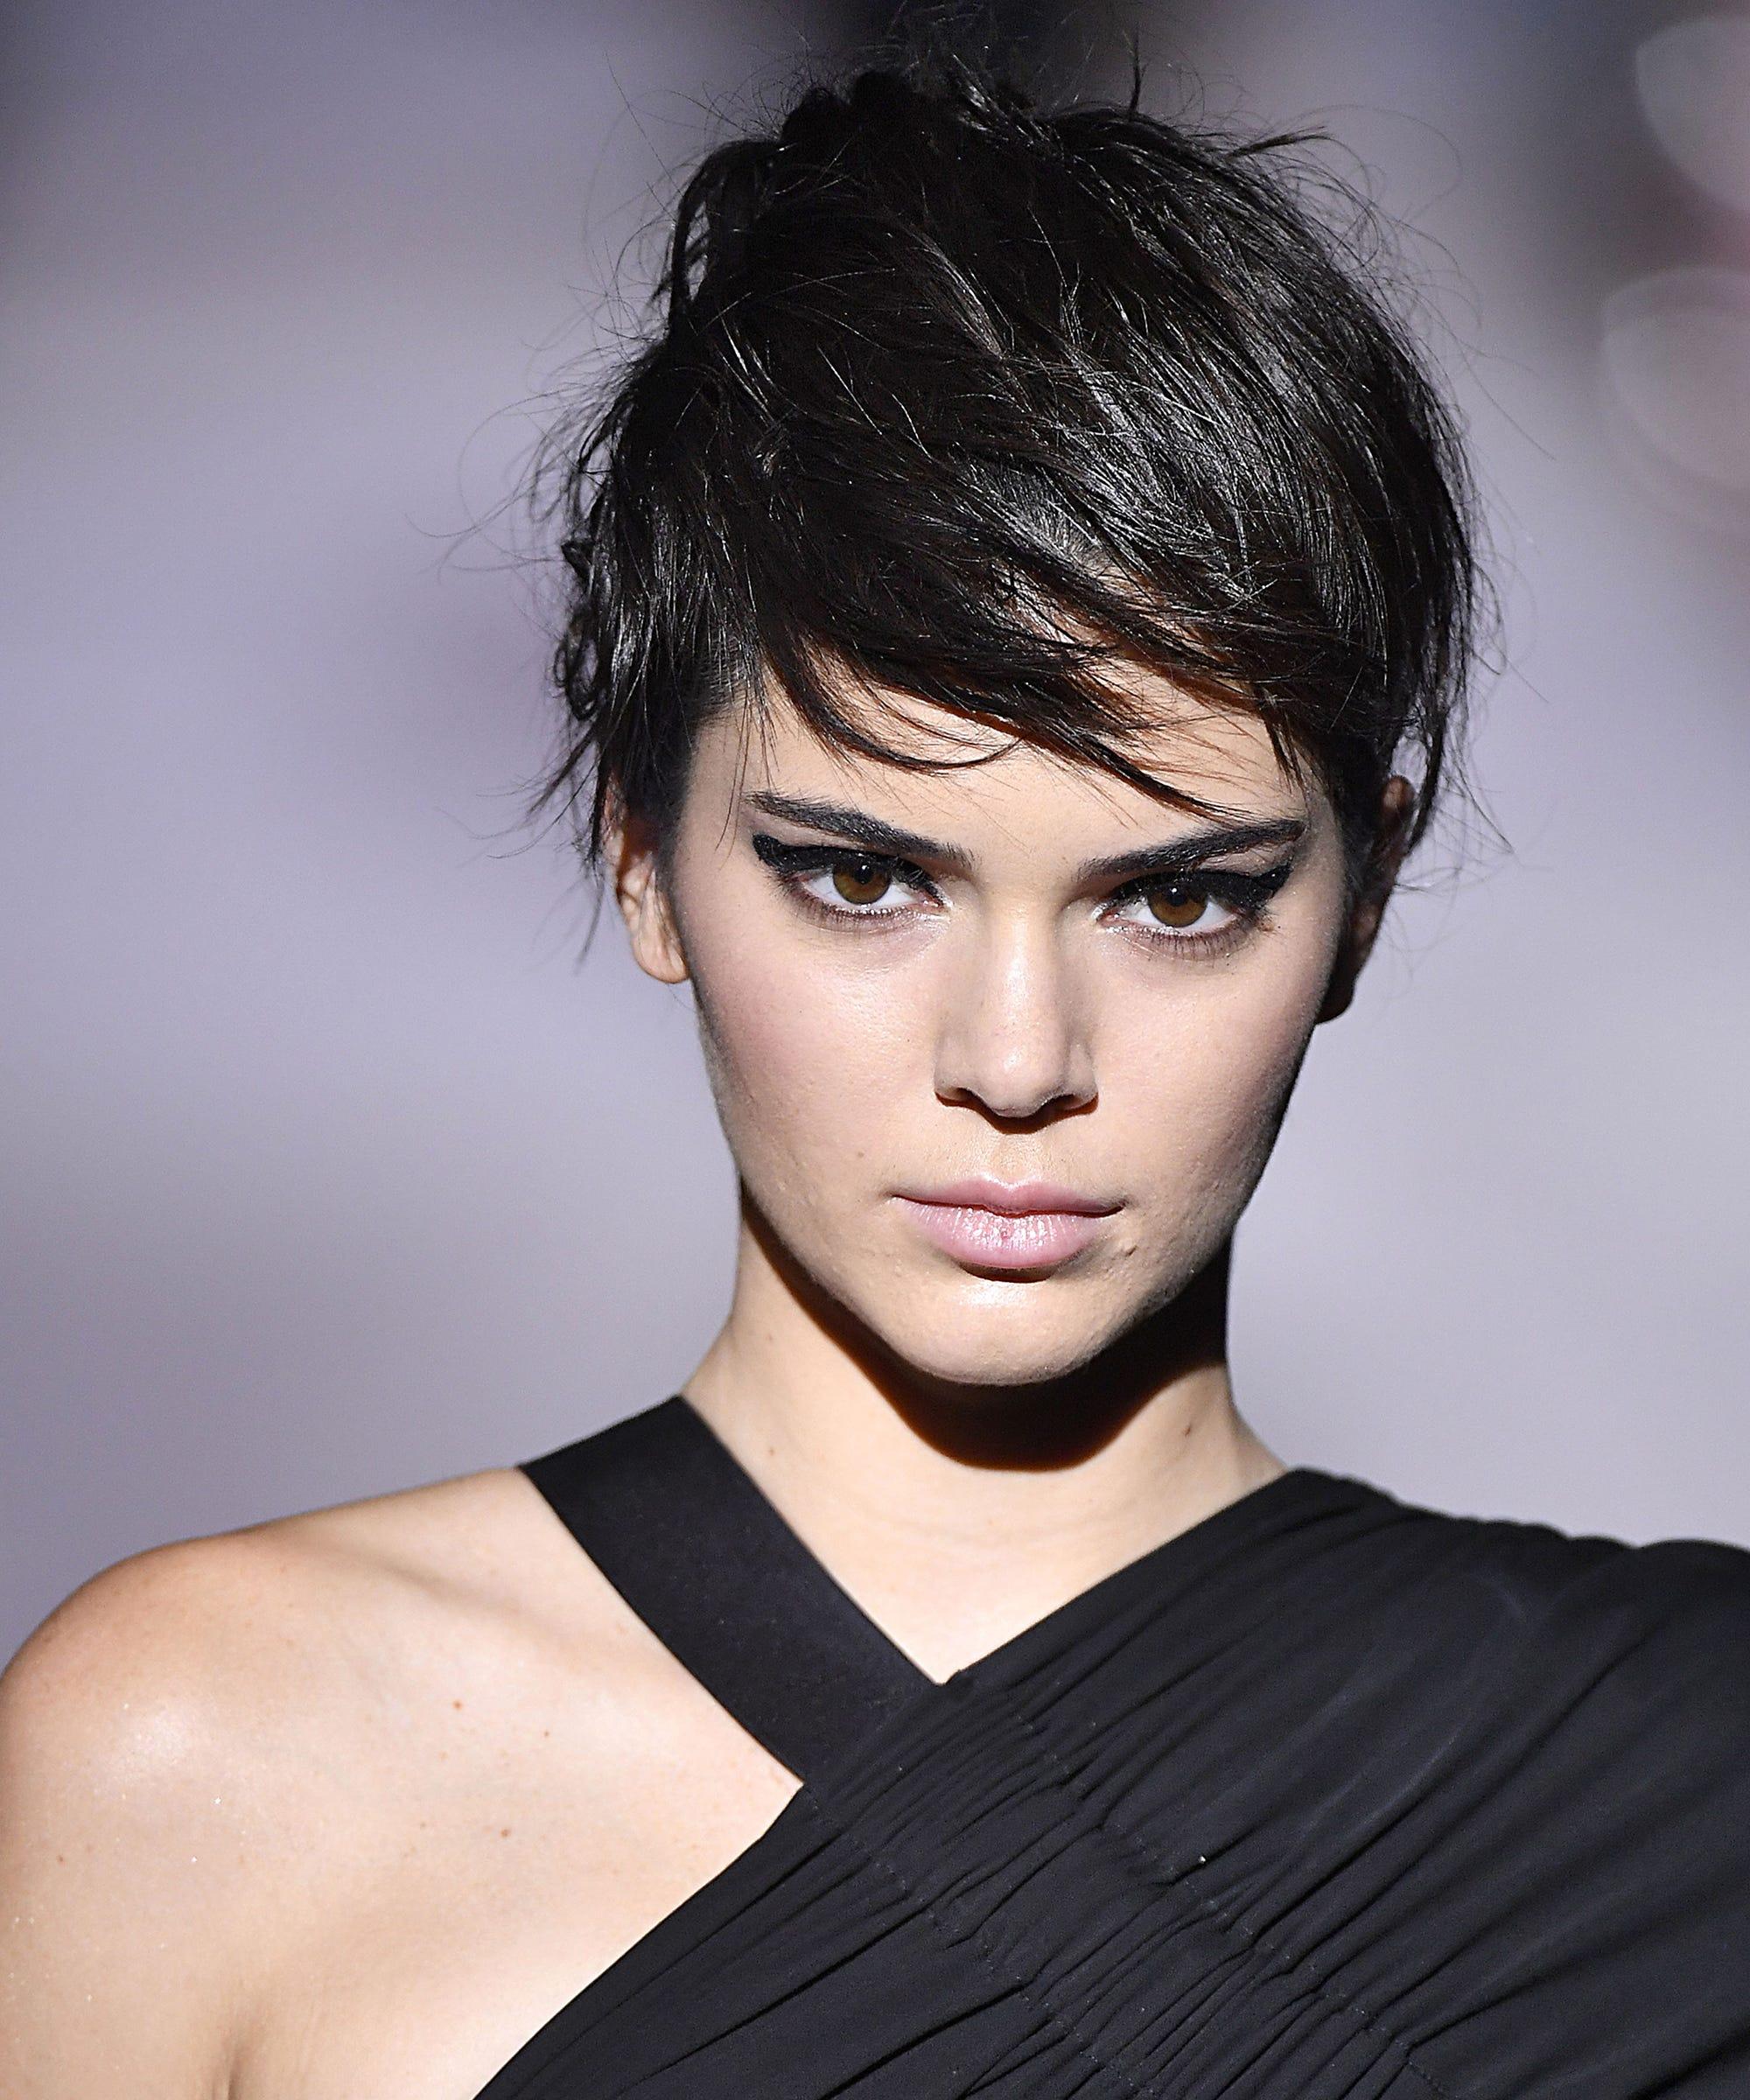 Kurzhaarfrisuren Pixie Cuts Fur Alle Haarstrukturen